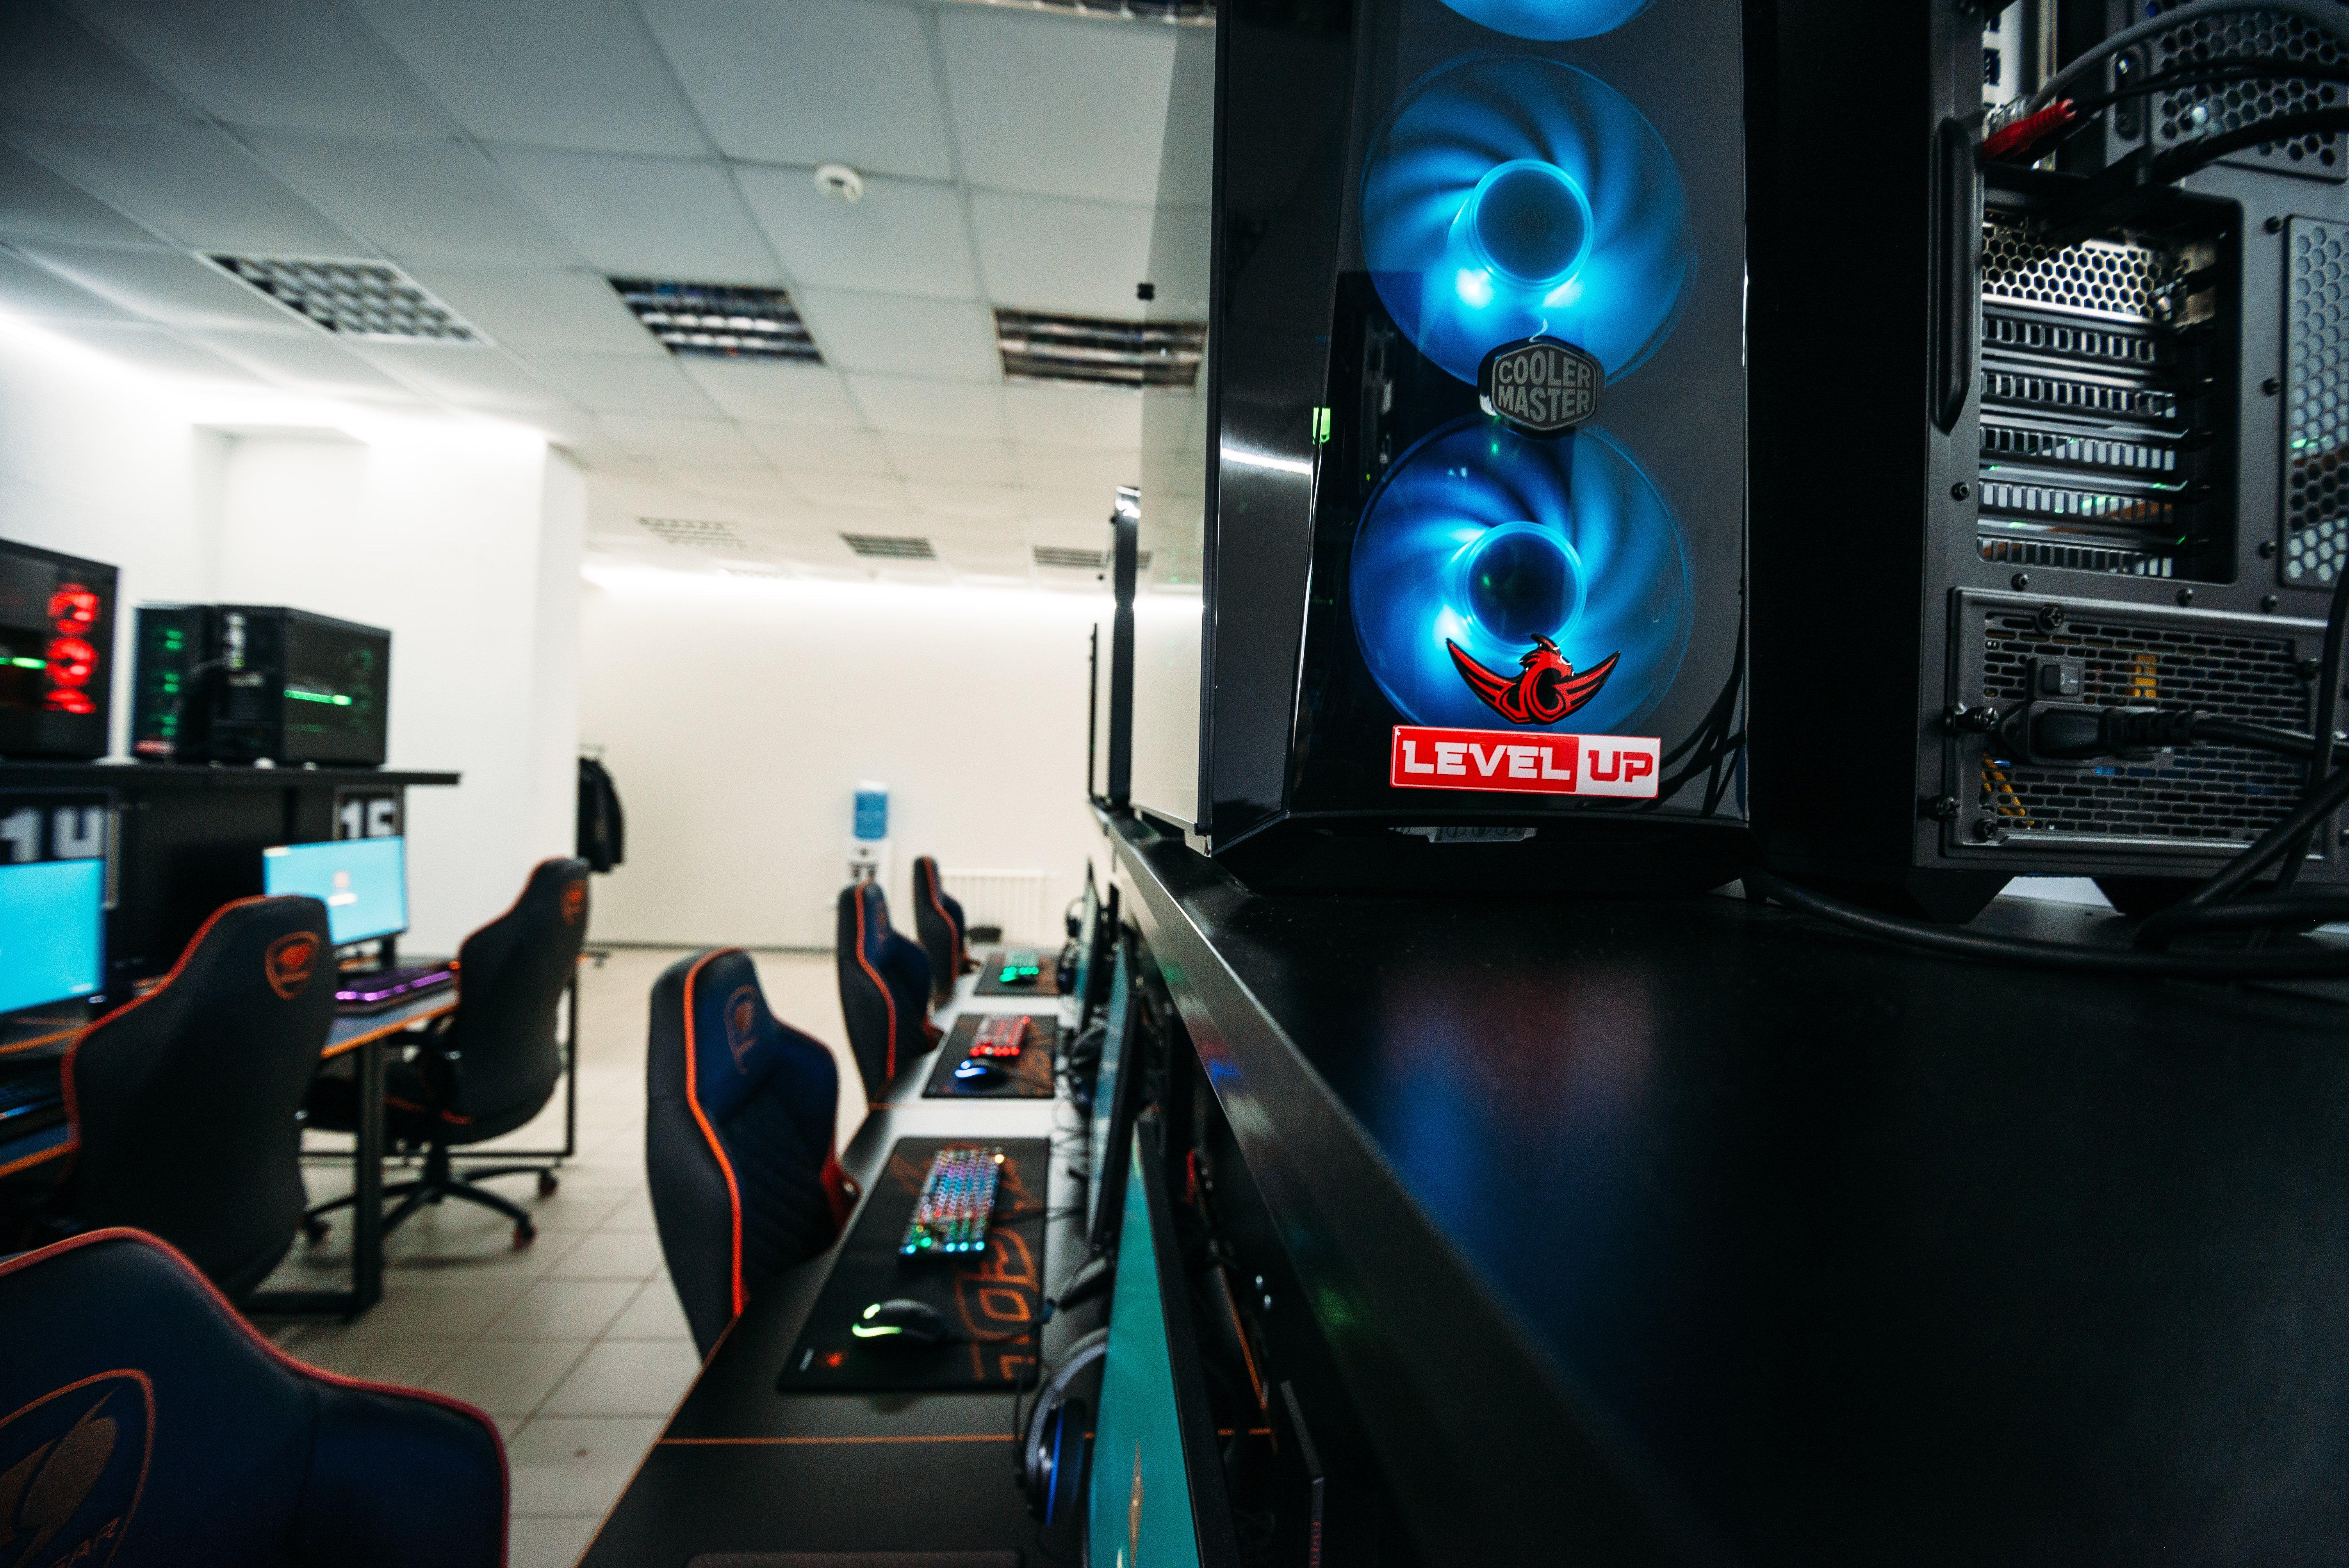 Интернет клубы в москве на спортивной конкурсы в ночных клубах